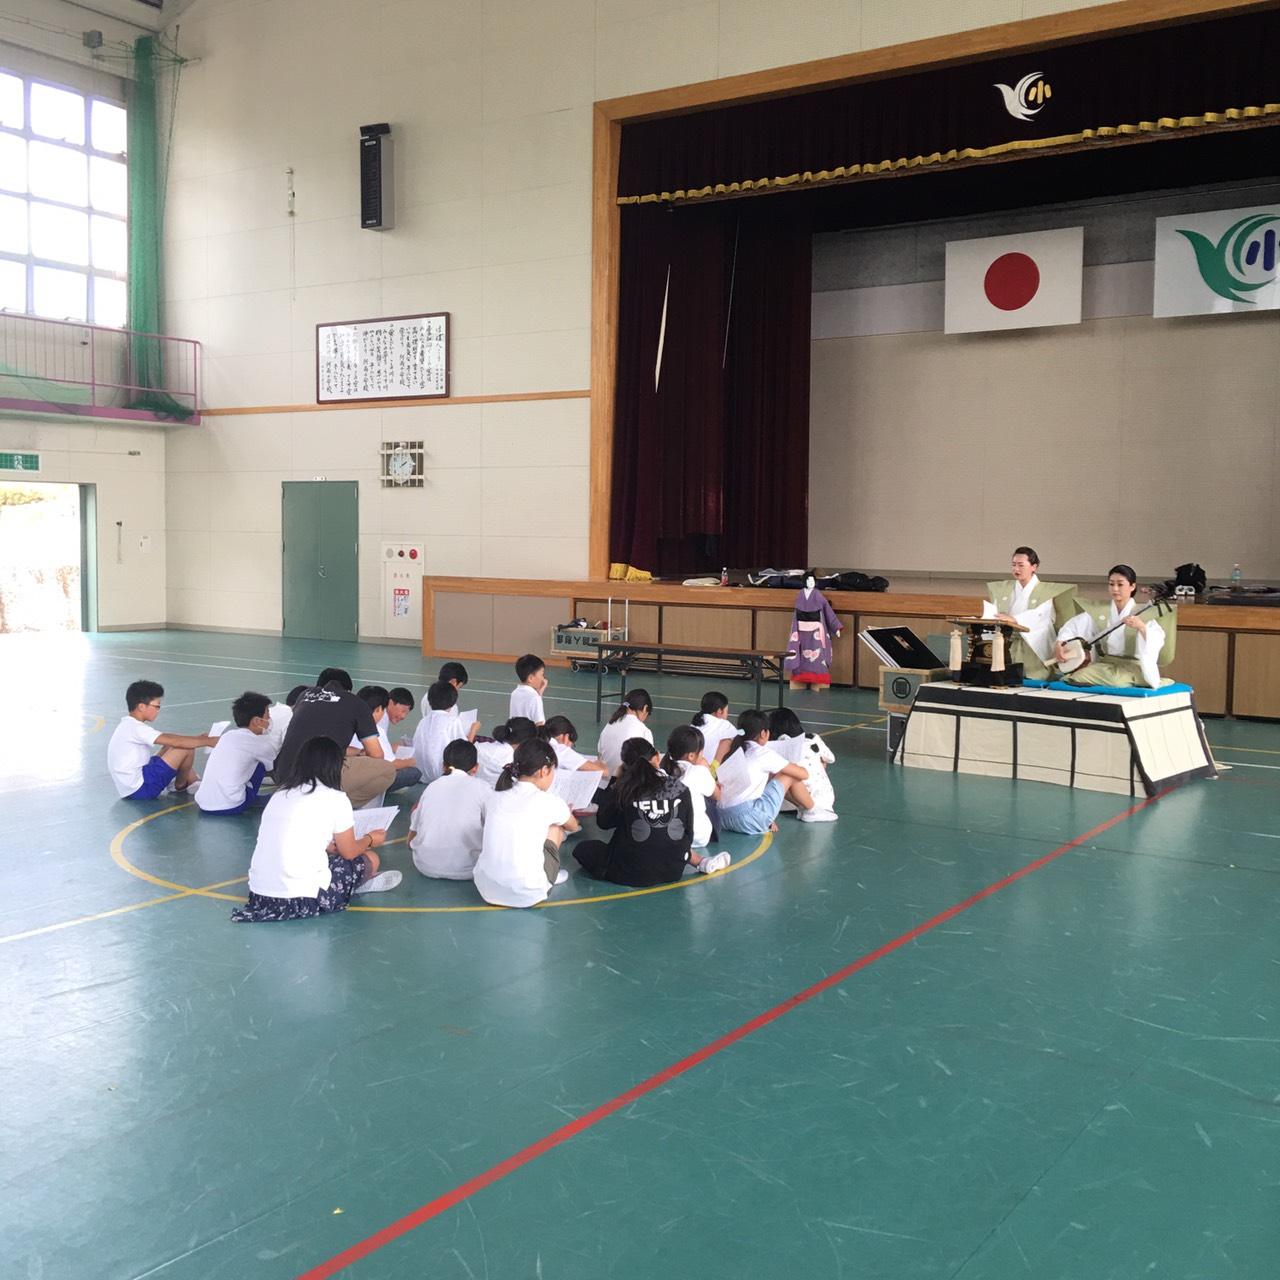 滋賀県米原市立河南小学校でワークショップを行いました。 | 淡路人形座